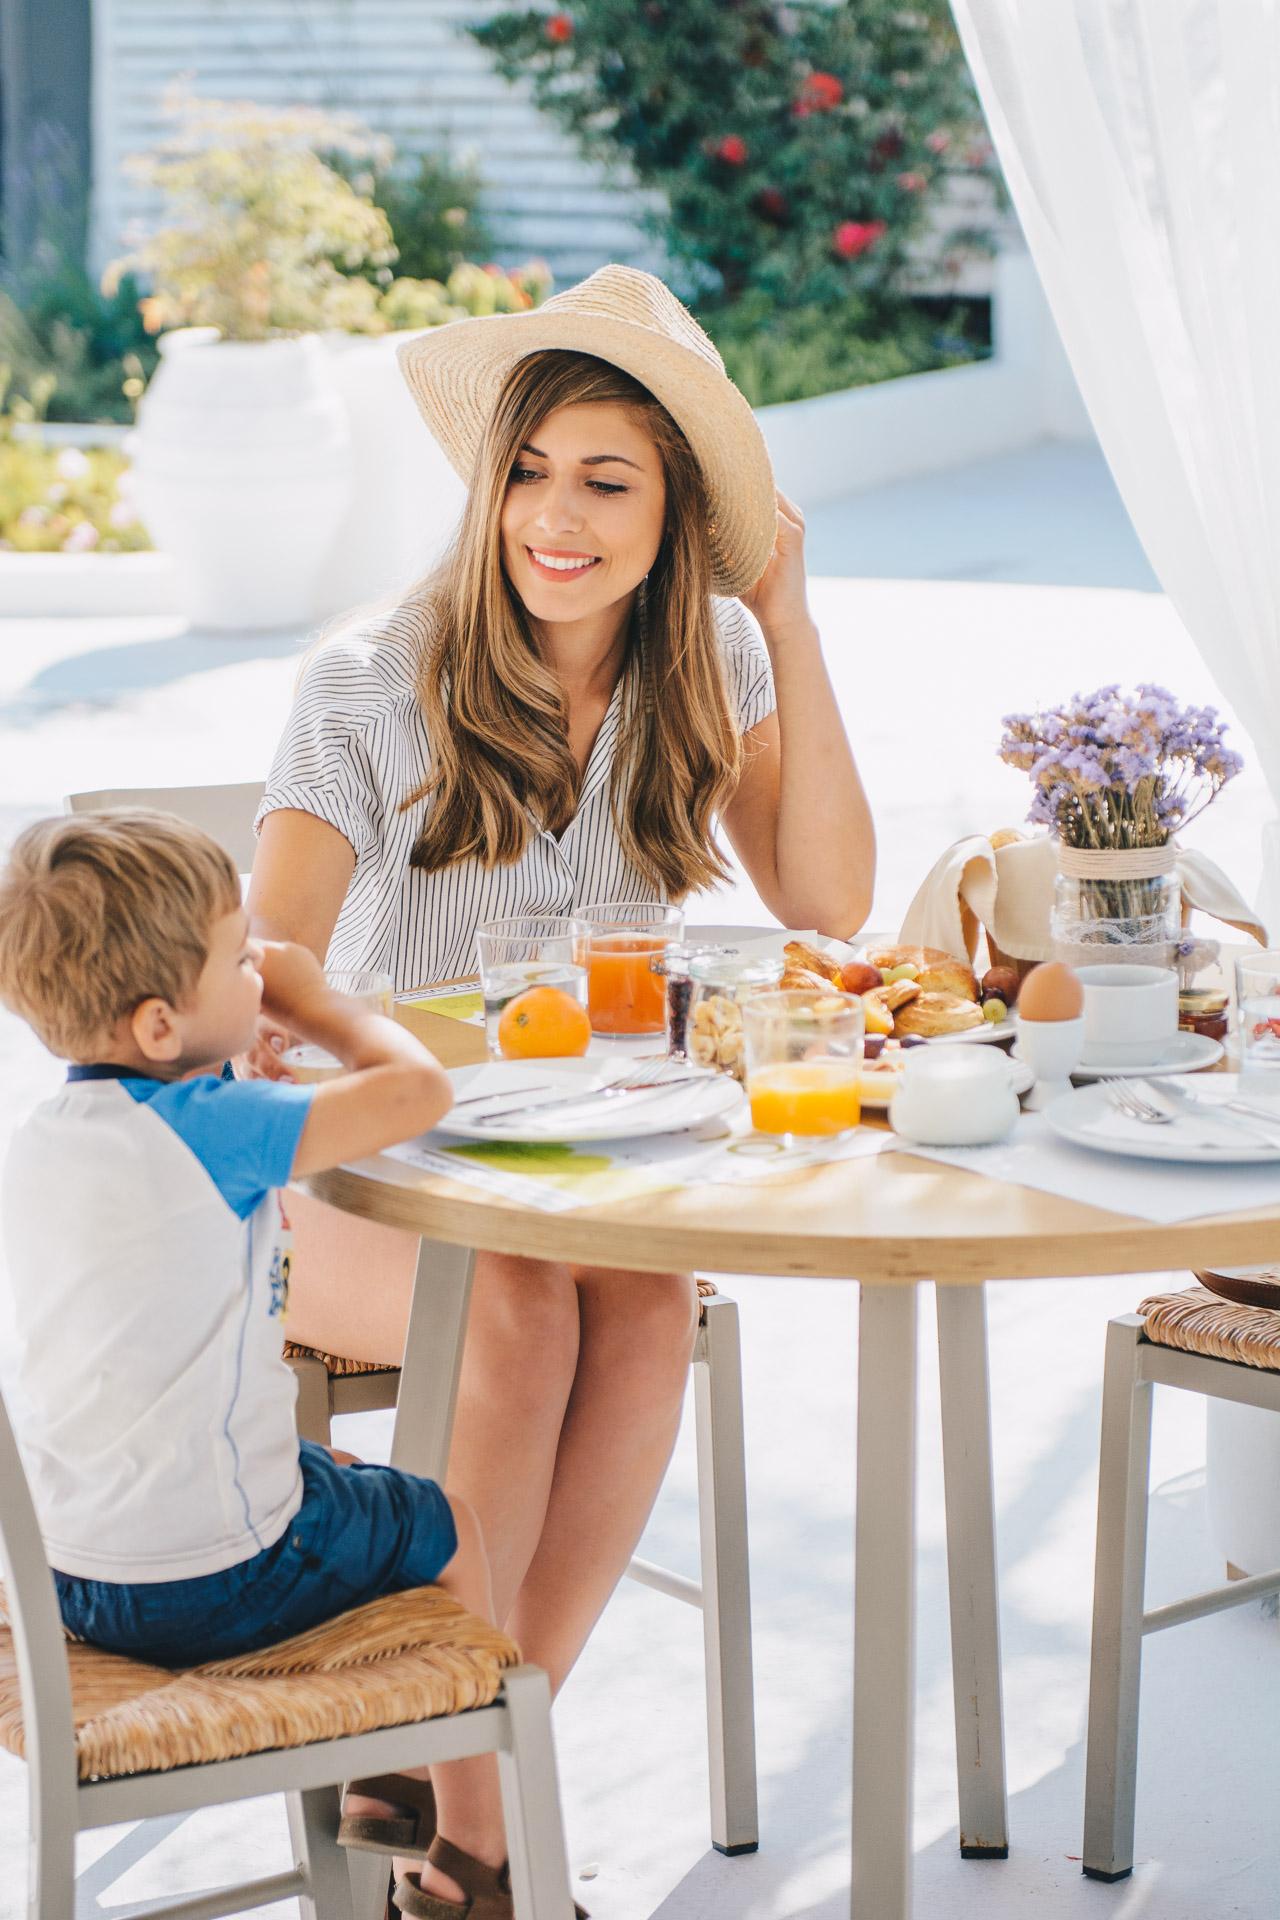 Breakfast nefeli mom and son 22062017